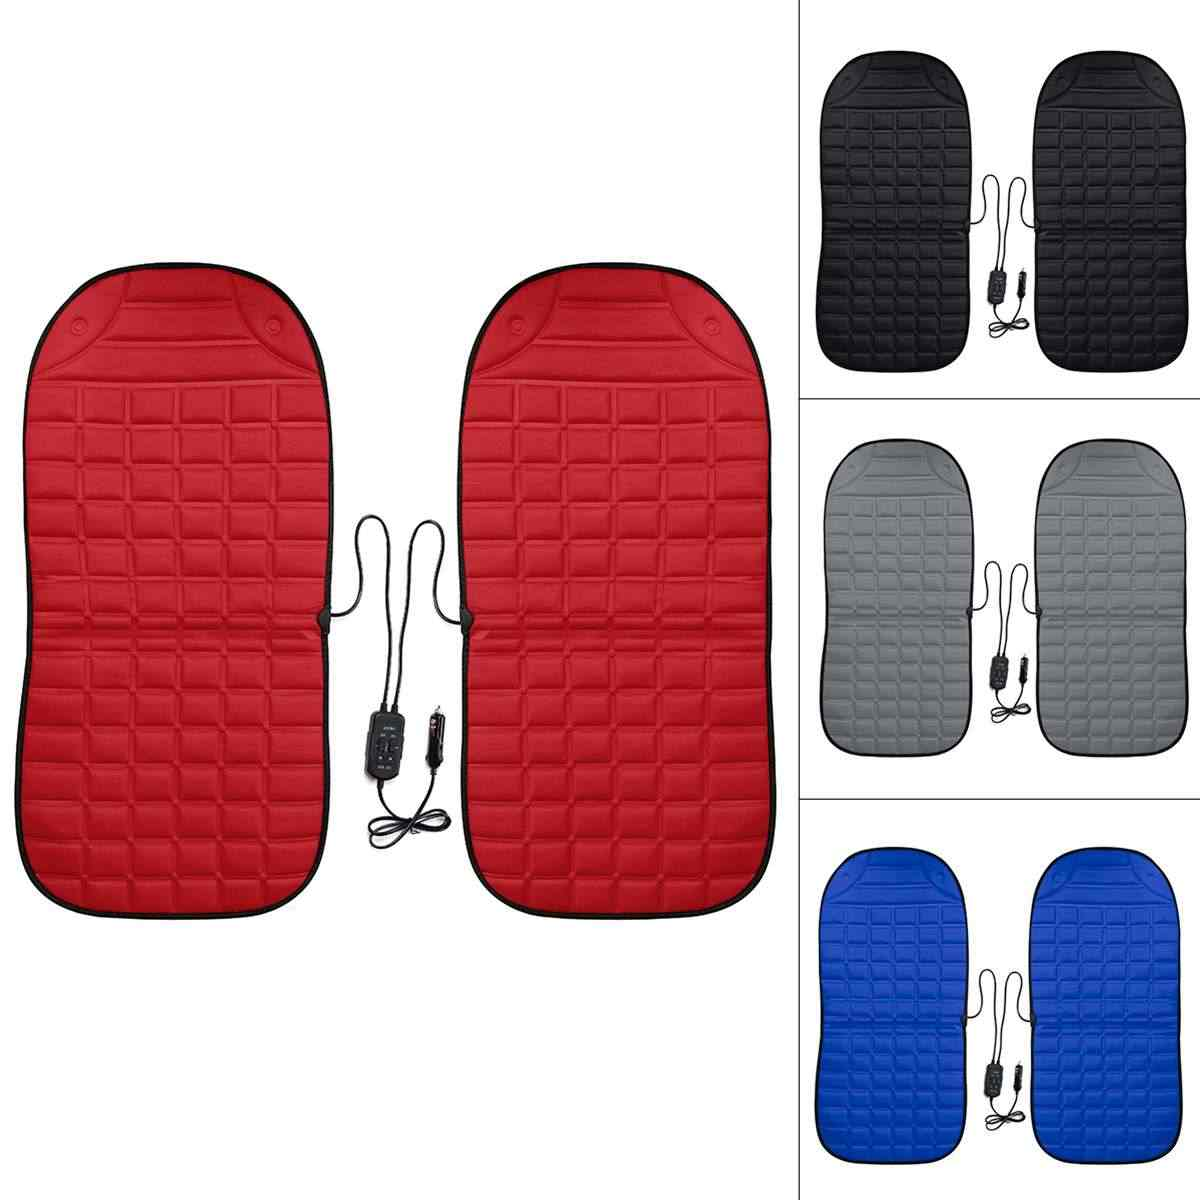 2Pcs Dalam 1 Cepat Panas & Adjustable Hitam/Abu-abu/Biru/Merah Mobil Listrik Kursi Mobil gaya Musim Dingin Pad Bantal Auto Mencakup